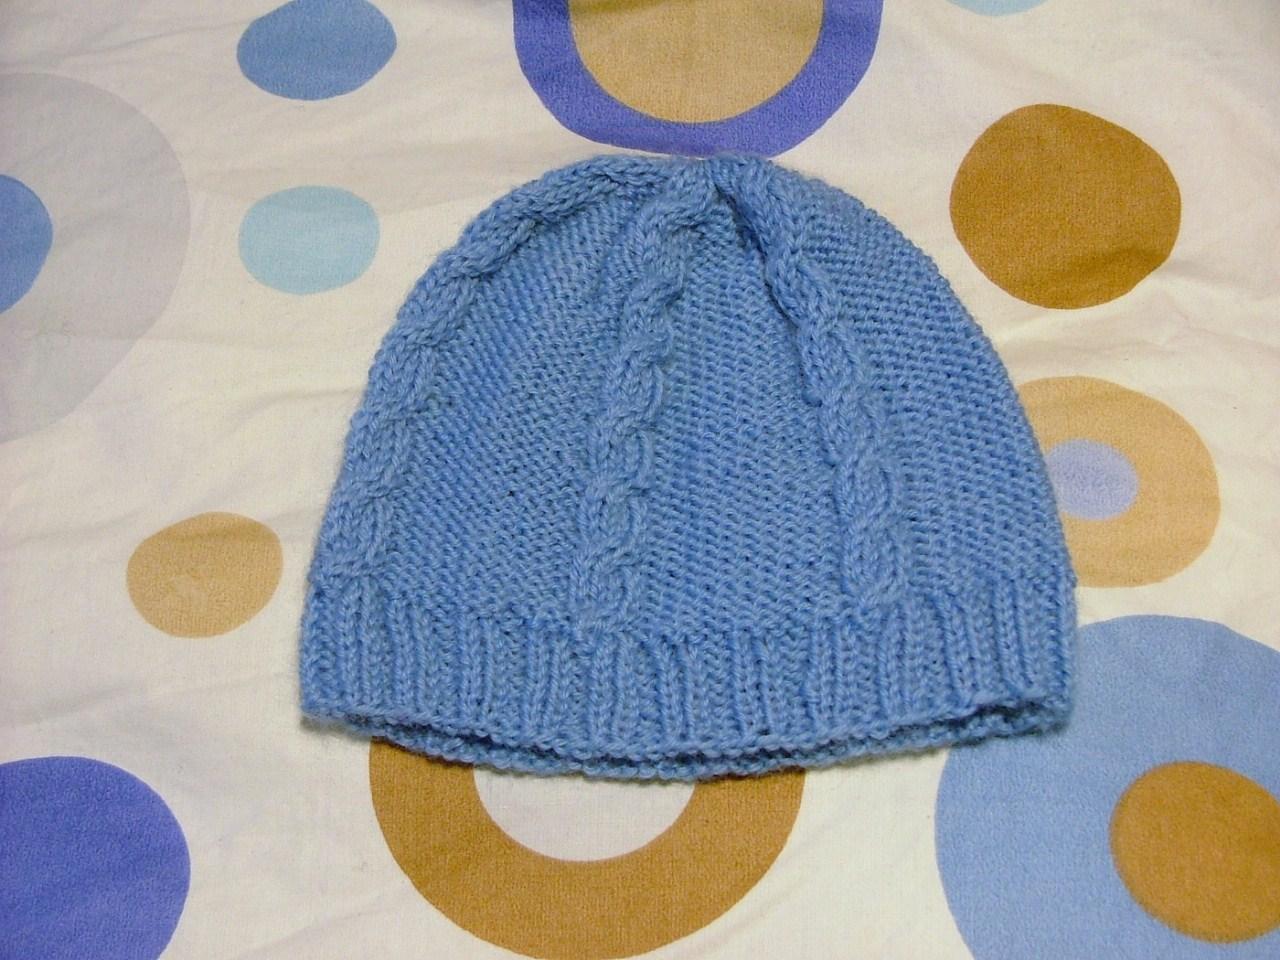 Cappelli. Scopri la nostra collezione di berretti, cuffiette e cappellini per neonato. In morbida lana o in % cotone organico, con ricami jacquard e pon pon, in tinta unita o fantasia.